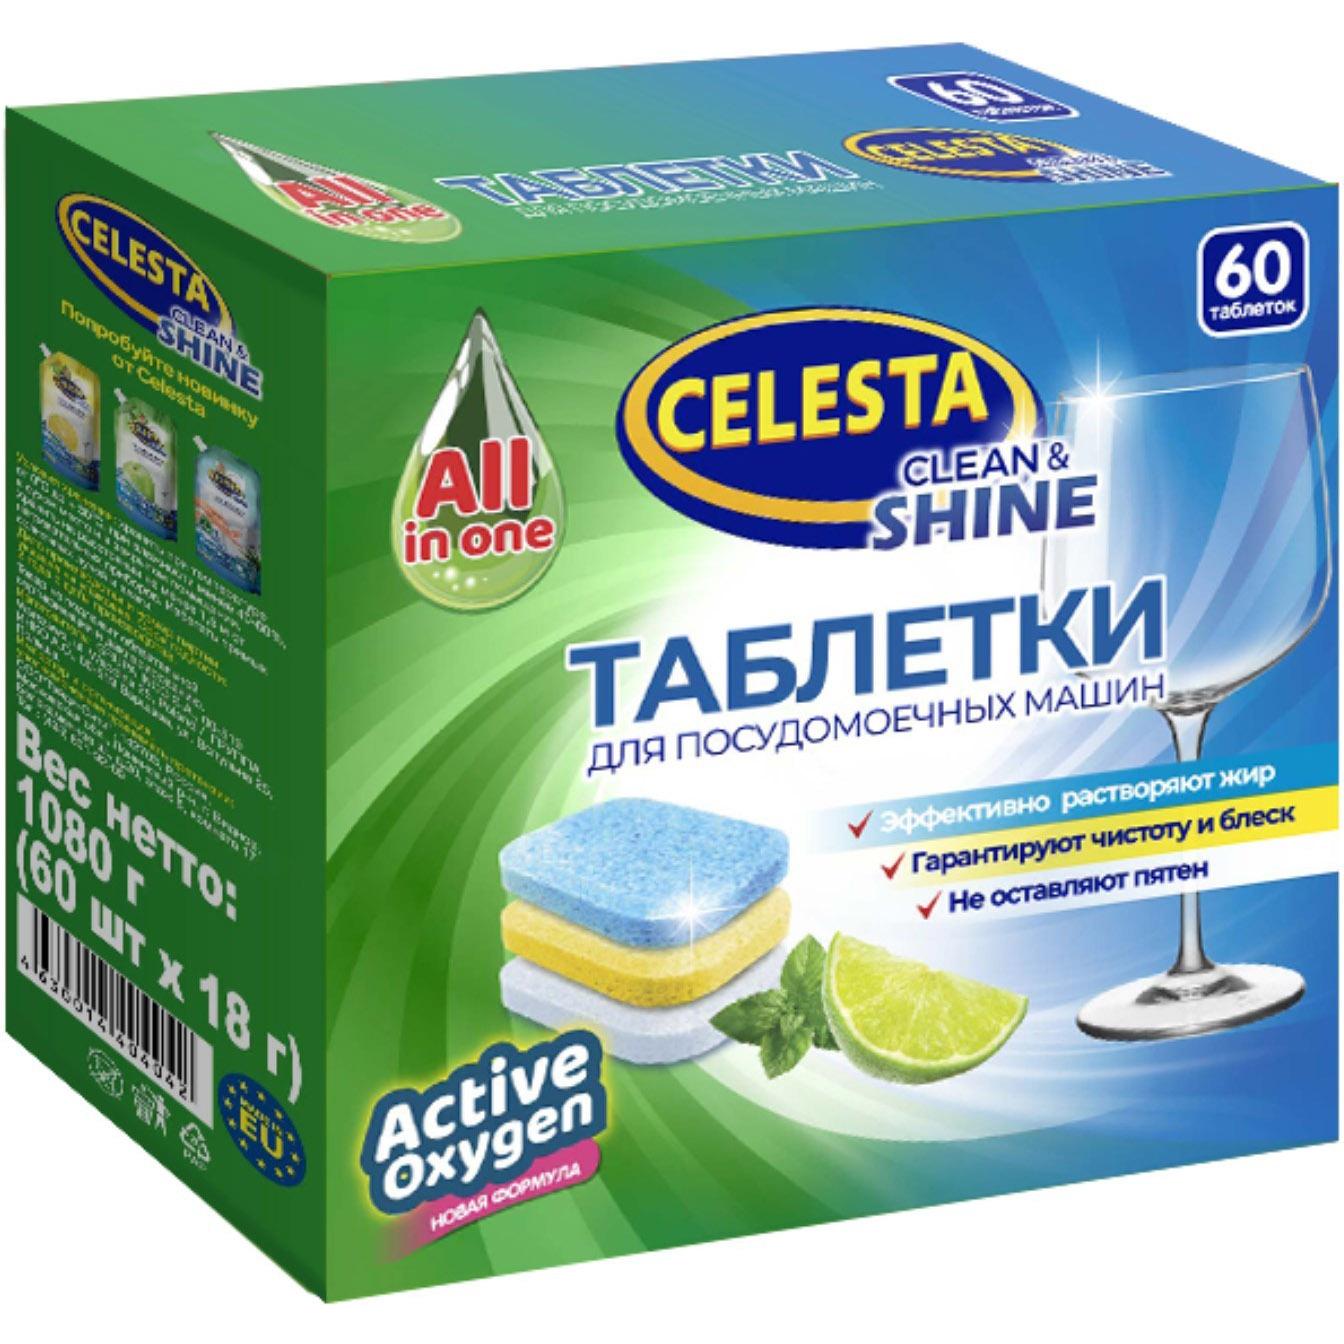 Фото - Таблетки для посудомоечных машин Celesta Clean & shine Трехслойные 60 шт бытовая химия jundo active oxygen таблетки для посудомоечных машин с активным кислородом 30 шт